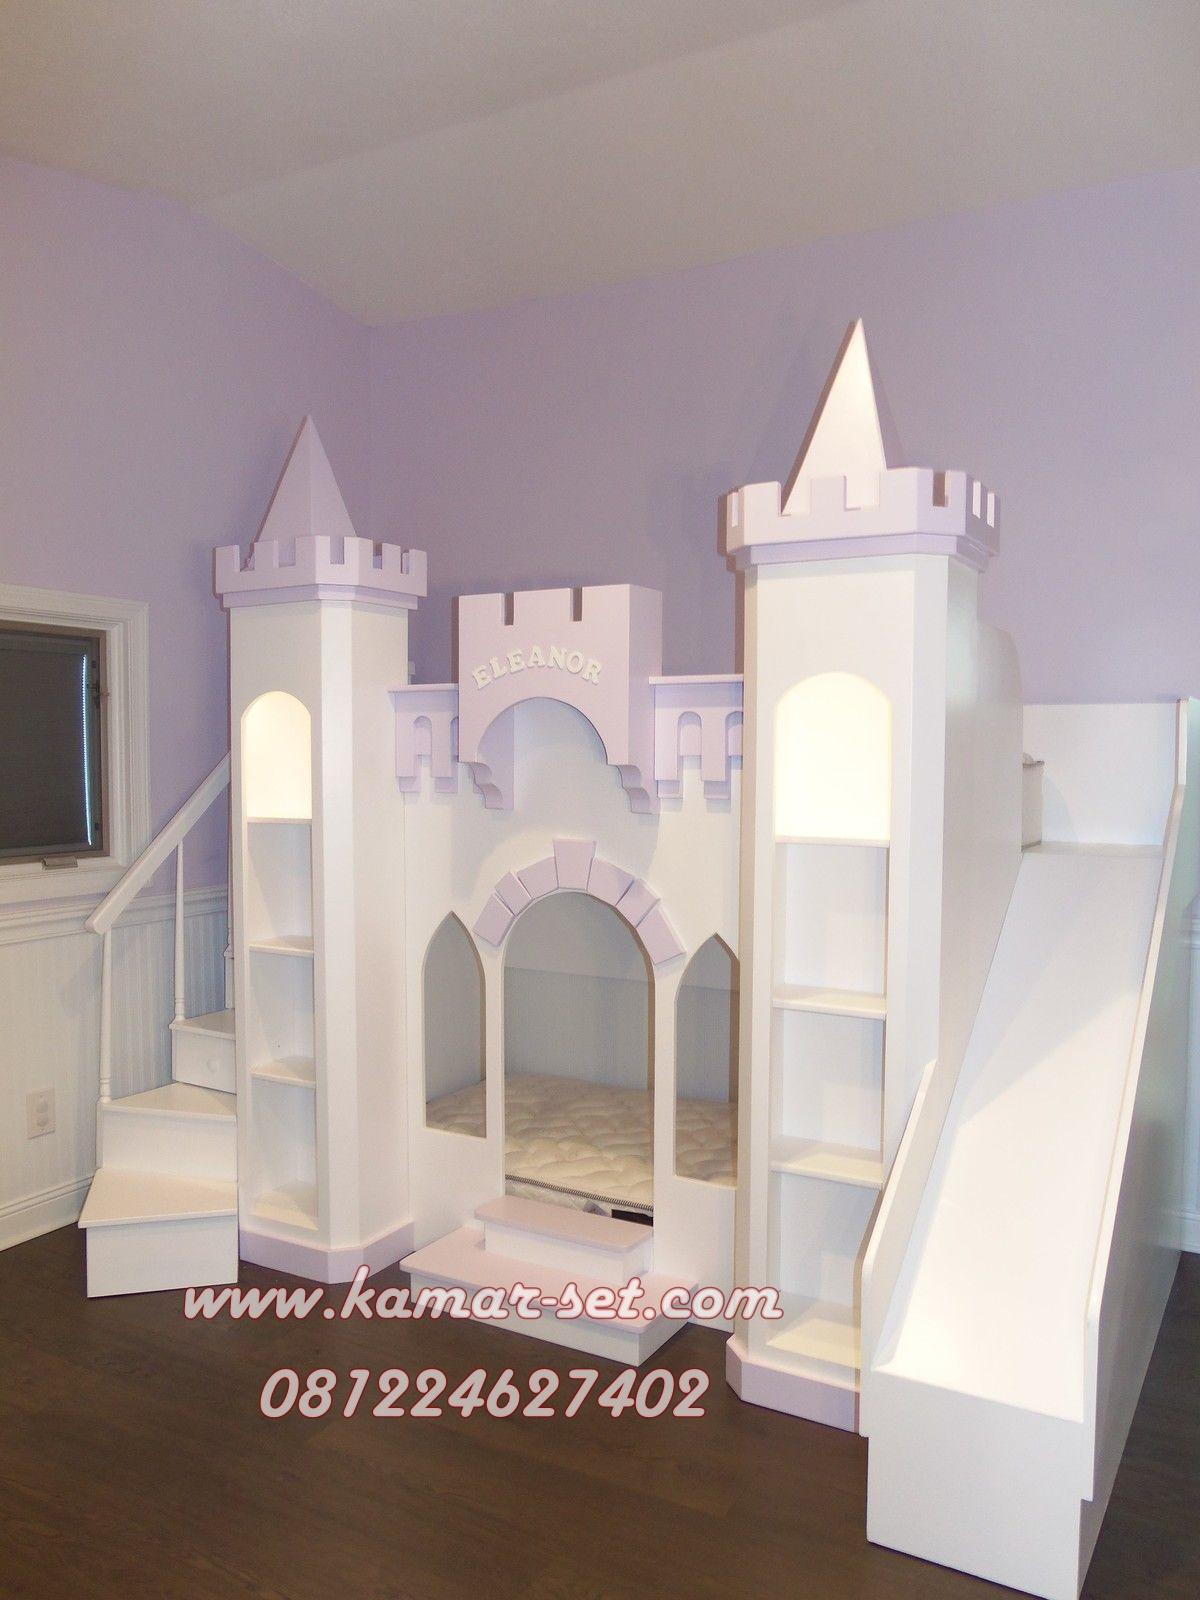 tempat tidur anak prosotan jual ranjang kastil kamar